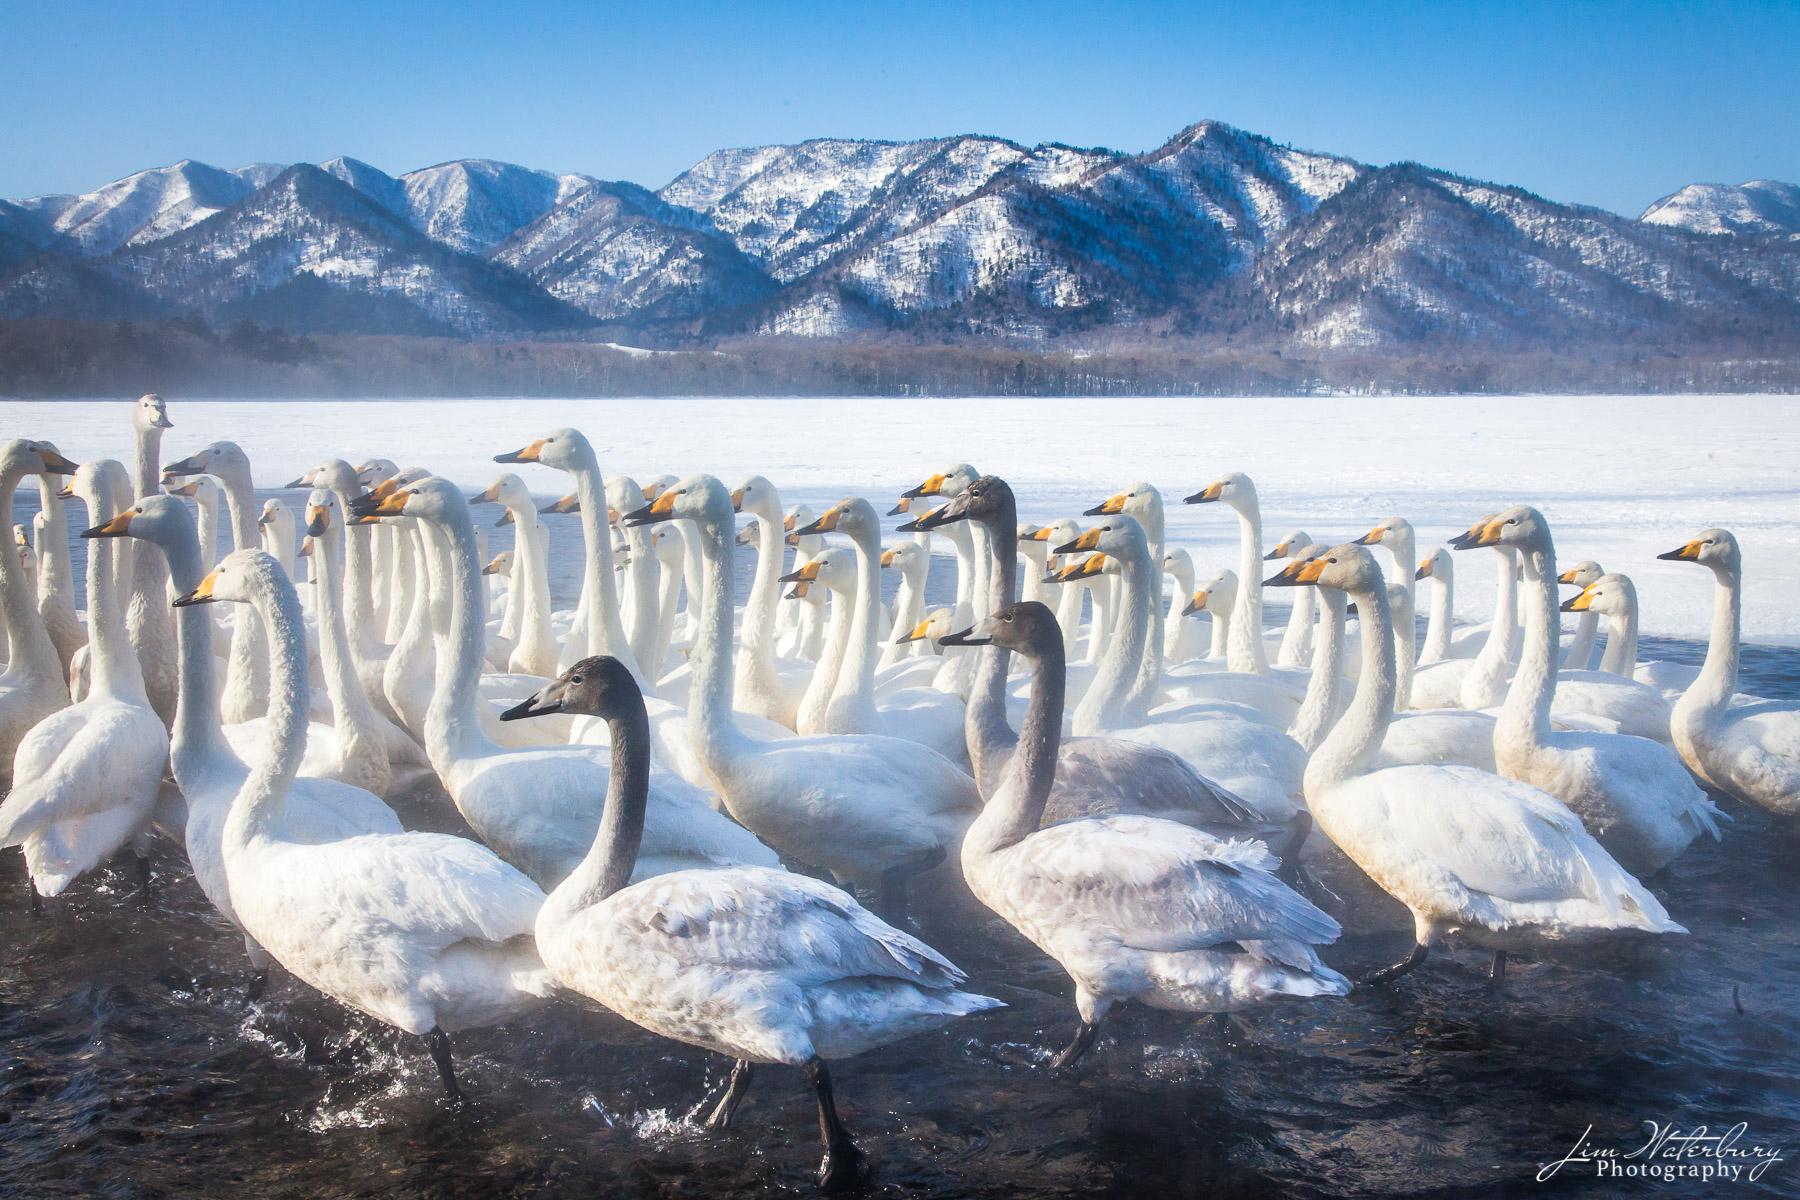 Asia, Hokkaido, Japan, whooper swans, photo